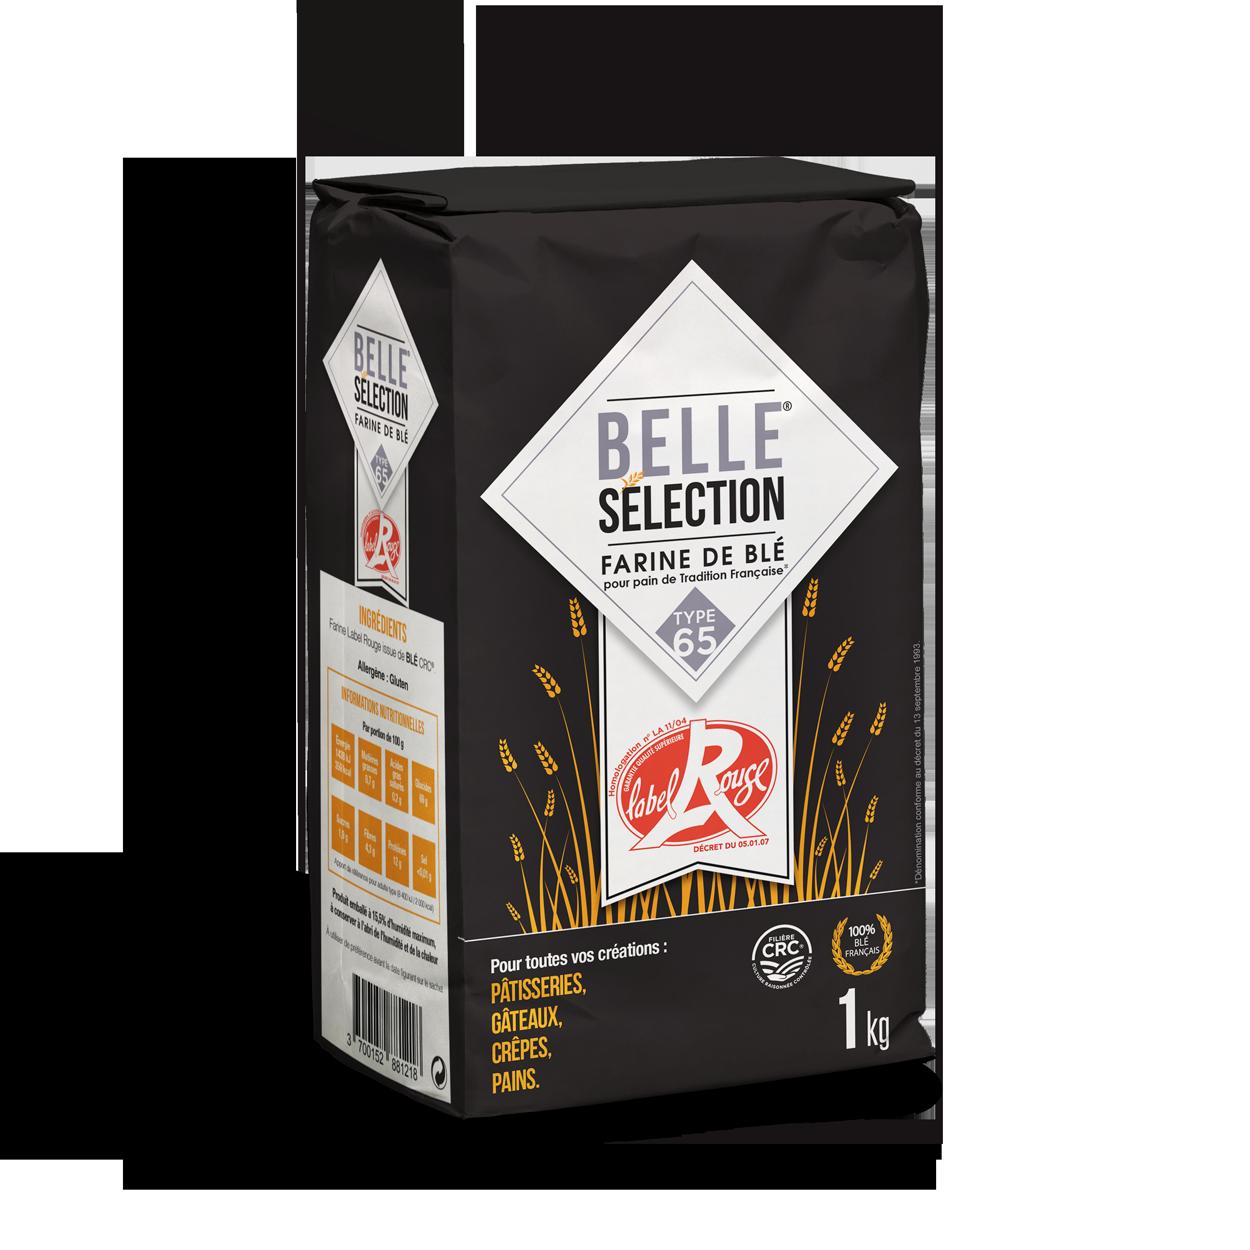 Belle Sélection Label Rouge T65 1kg